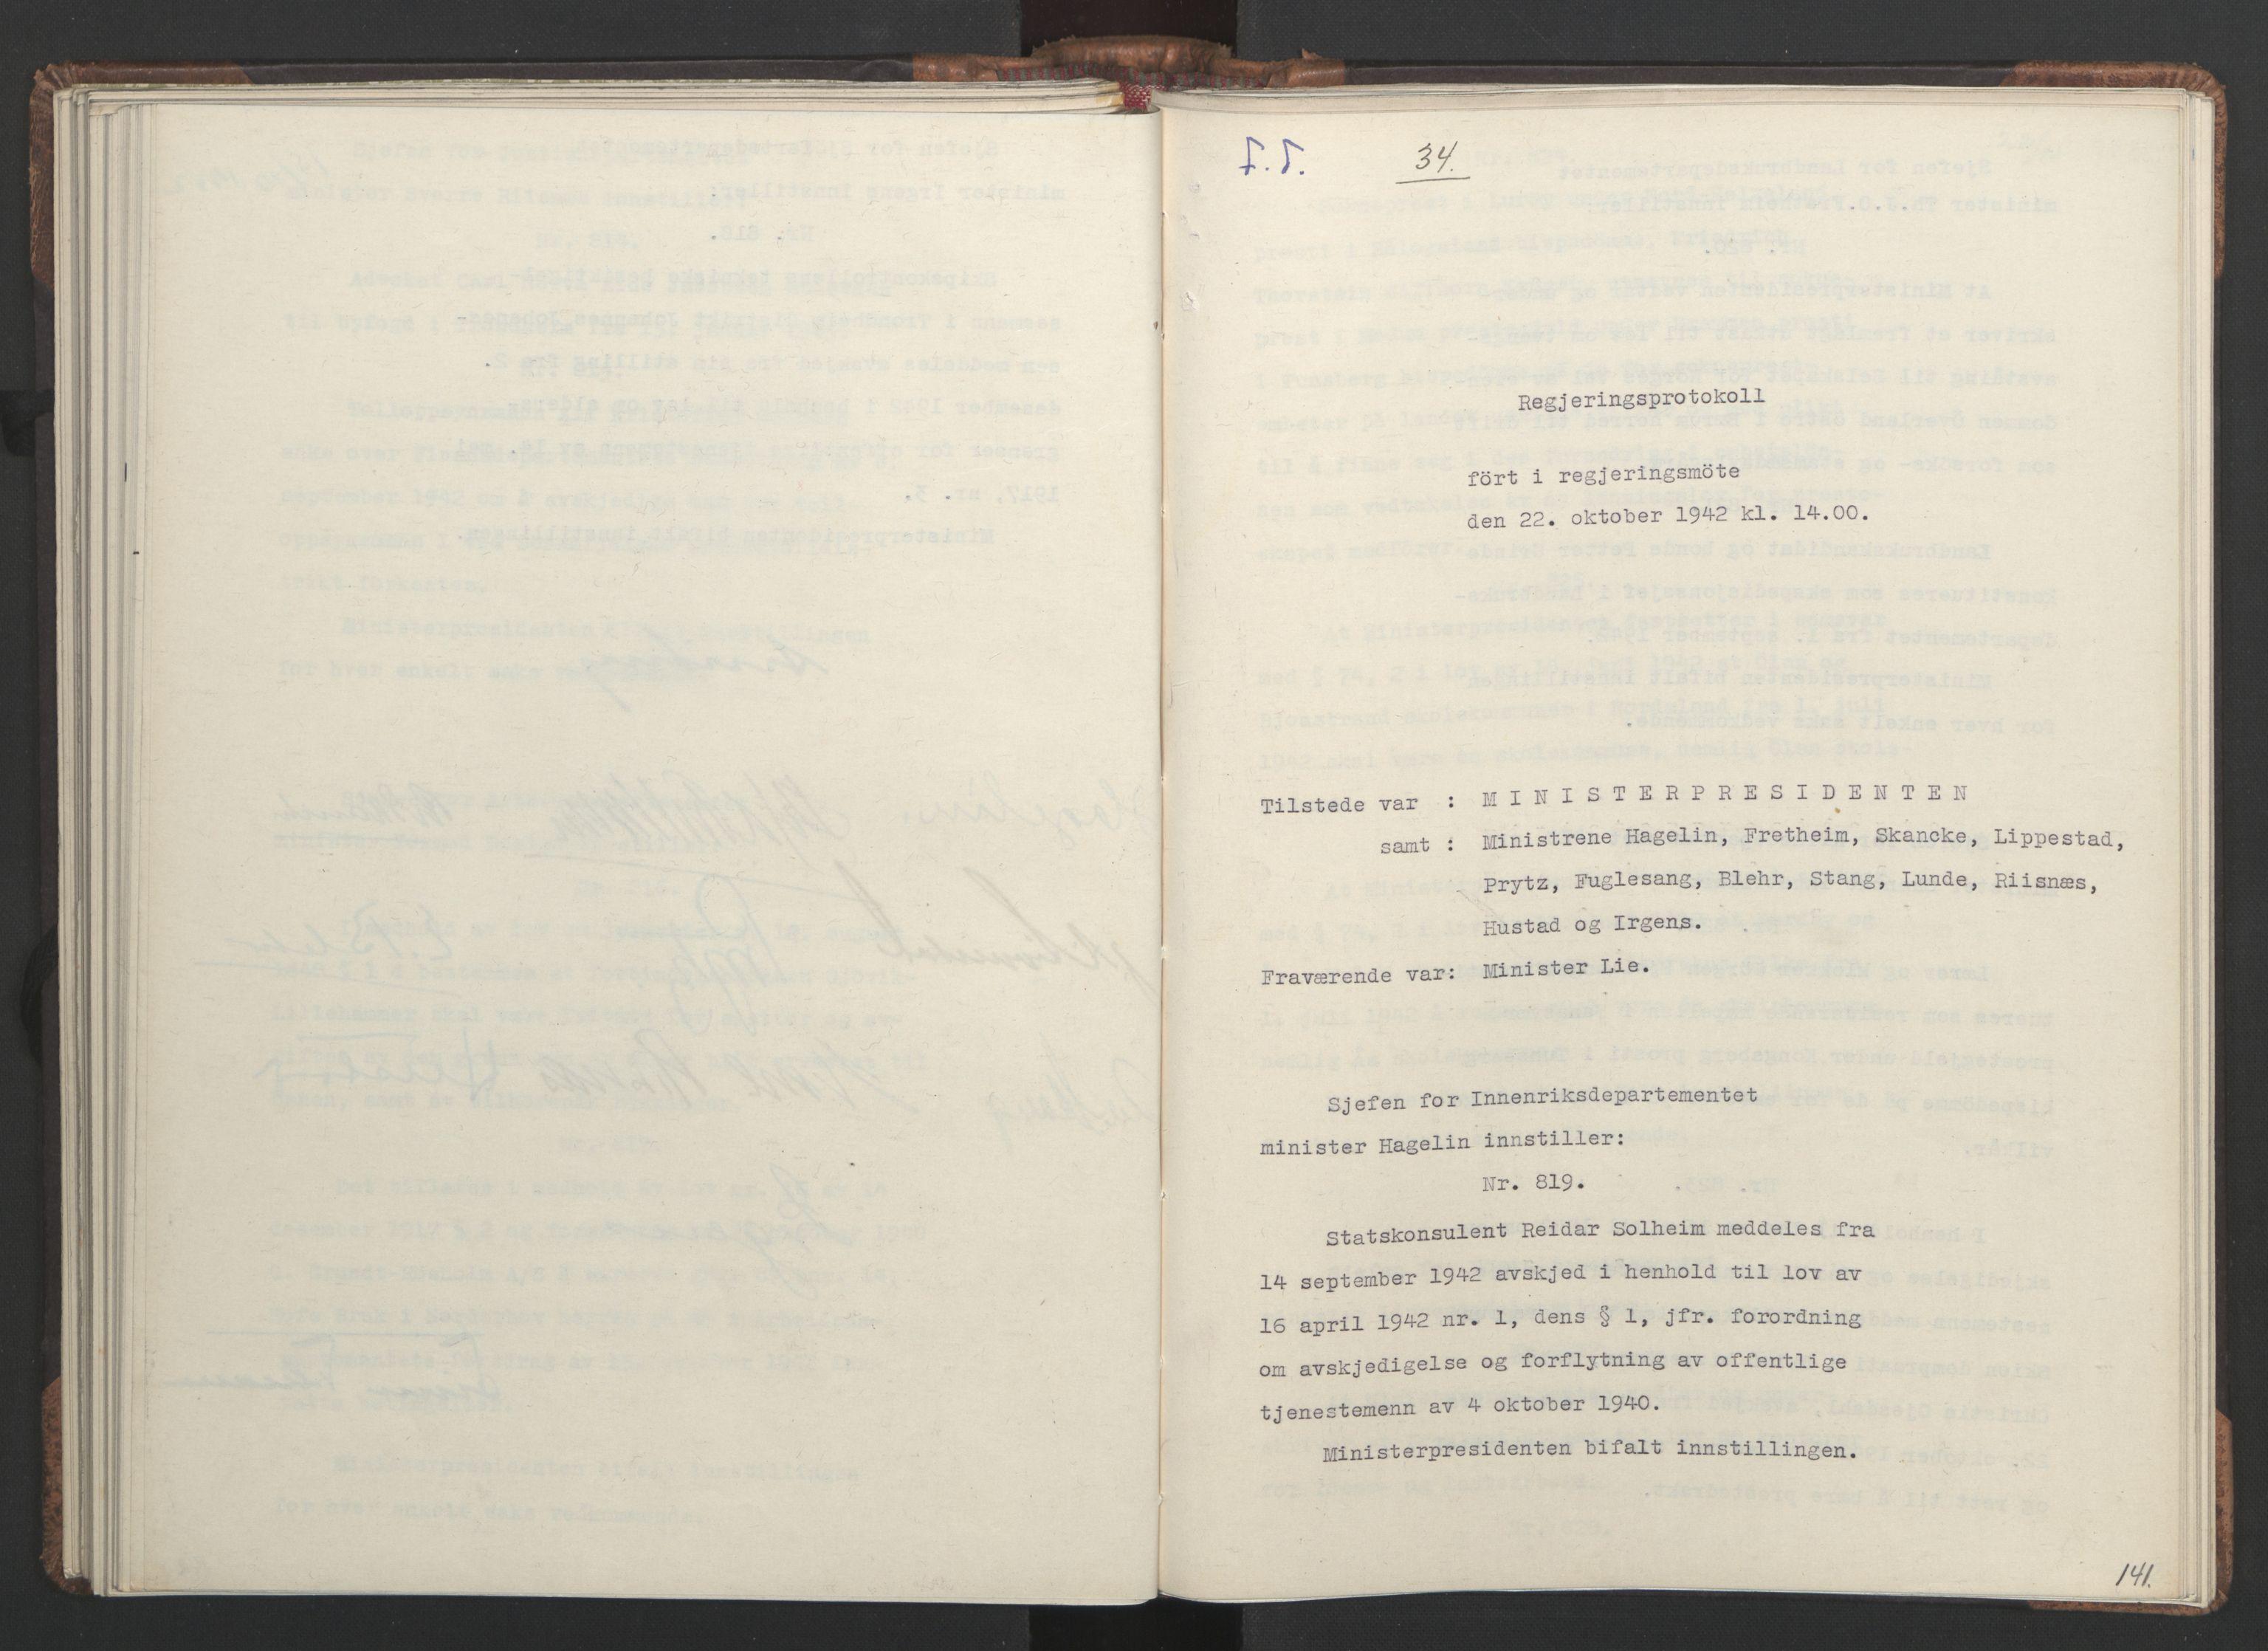 RA, NS-administrasjonen 1940-1945 (Statsrådsekretariatet, de kommisariske statsråder mm), D/Da/L0001: Beslutninger og tillegg (1-952 og 1-32), 1942, s. 140b-141a